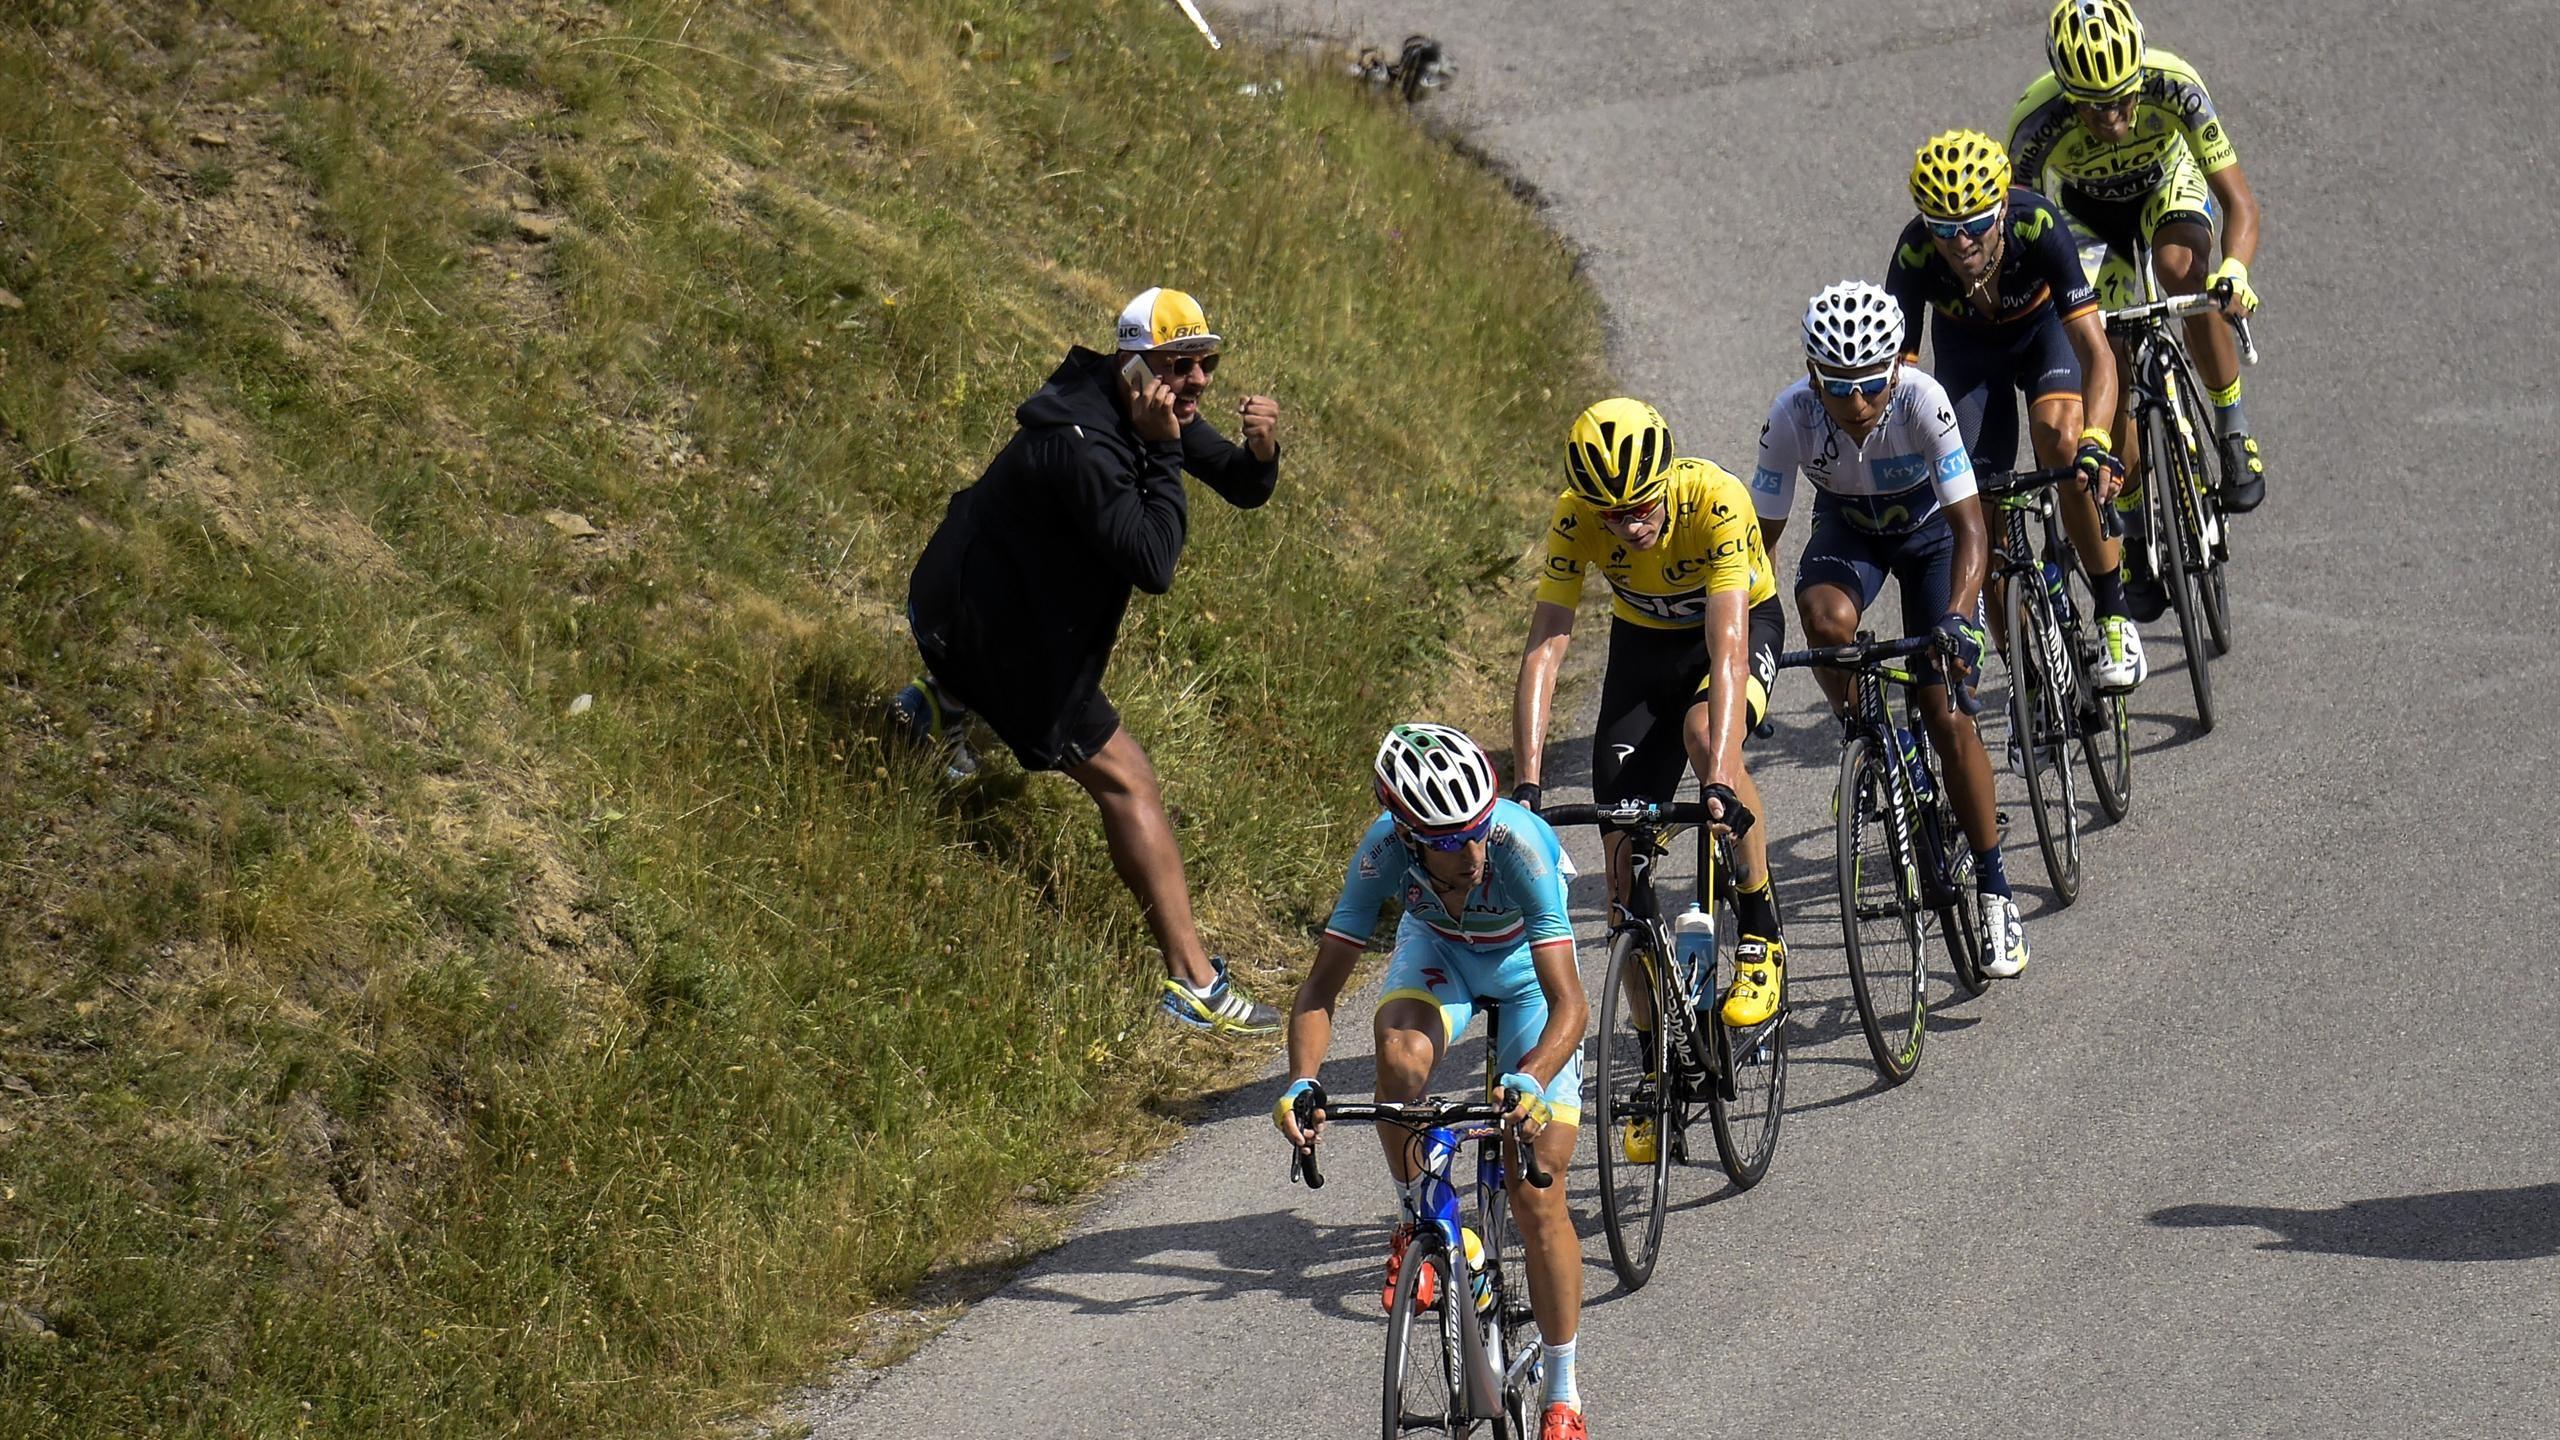 Tour de Francia - Tour de Francia 2015: Contador se cae y se aleja de casi todas sus opciones